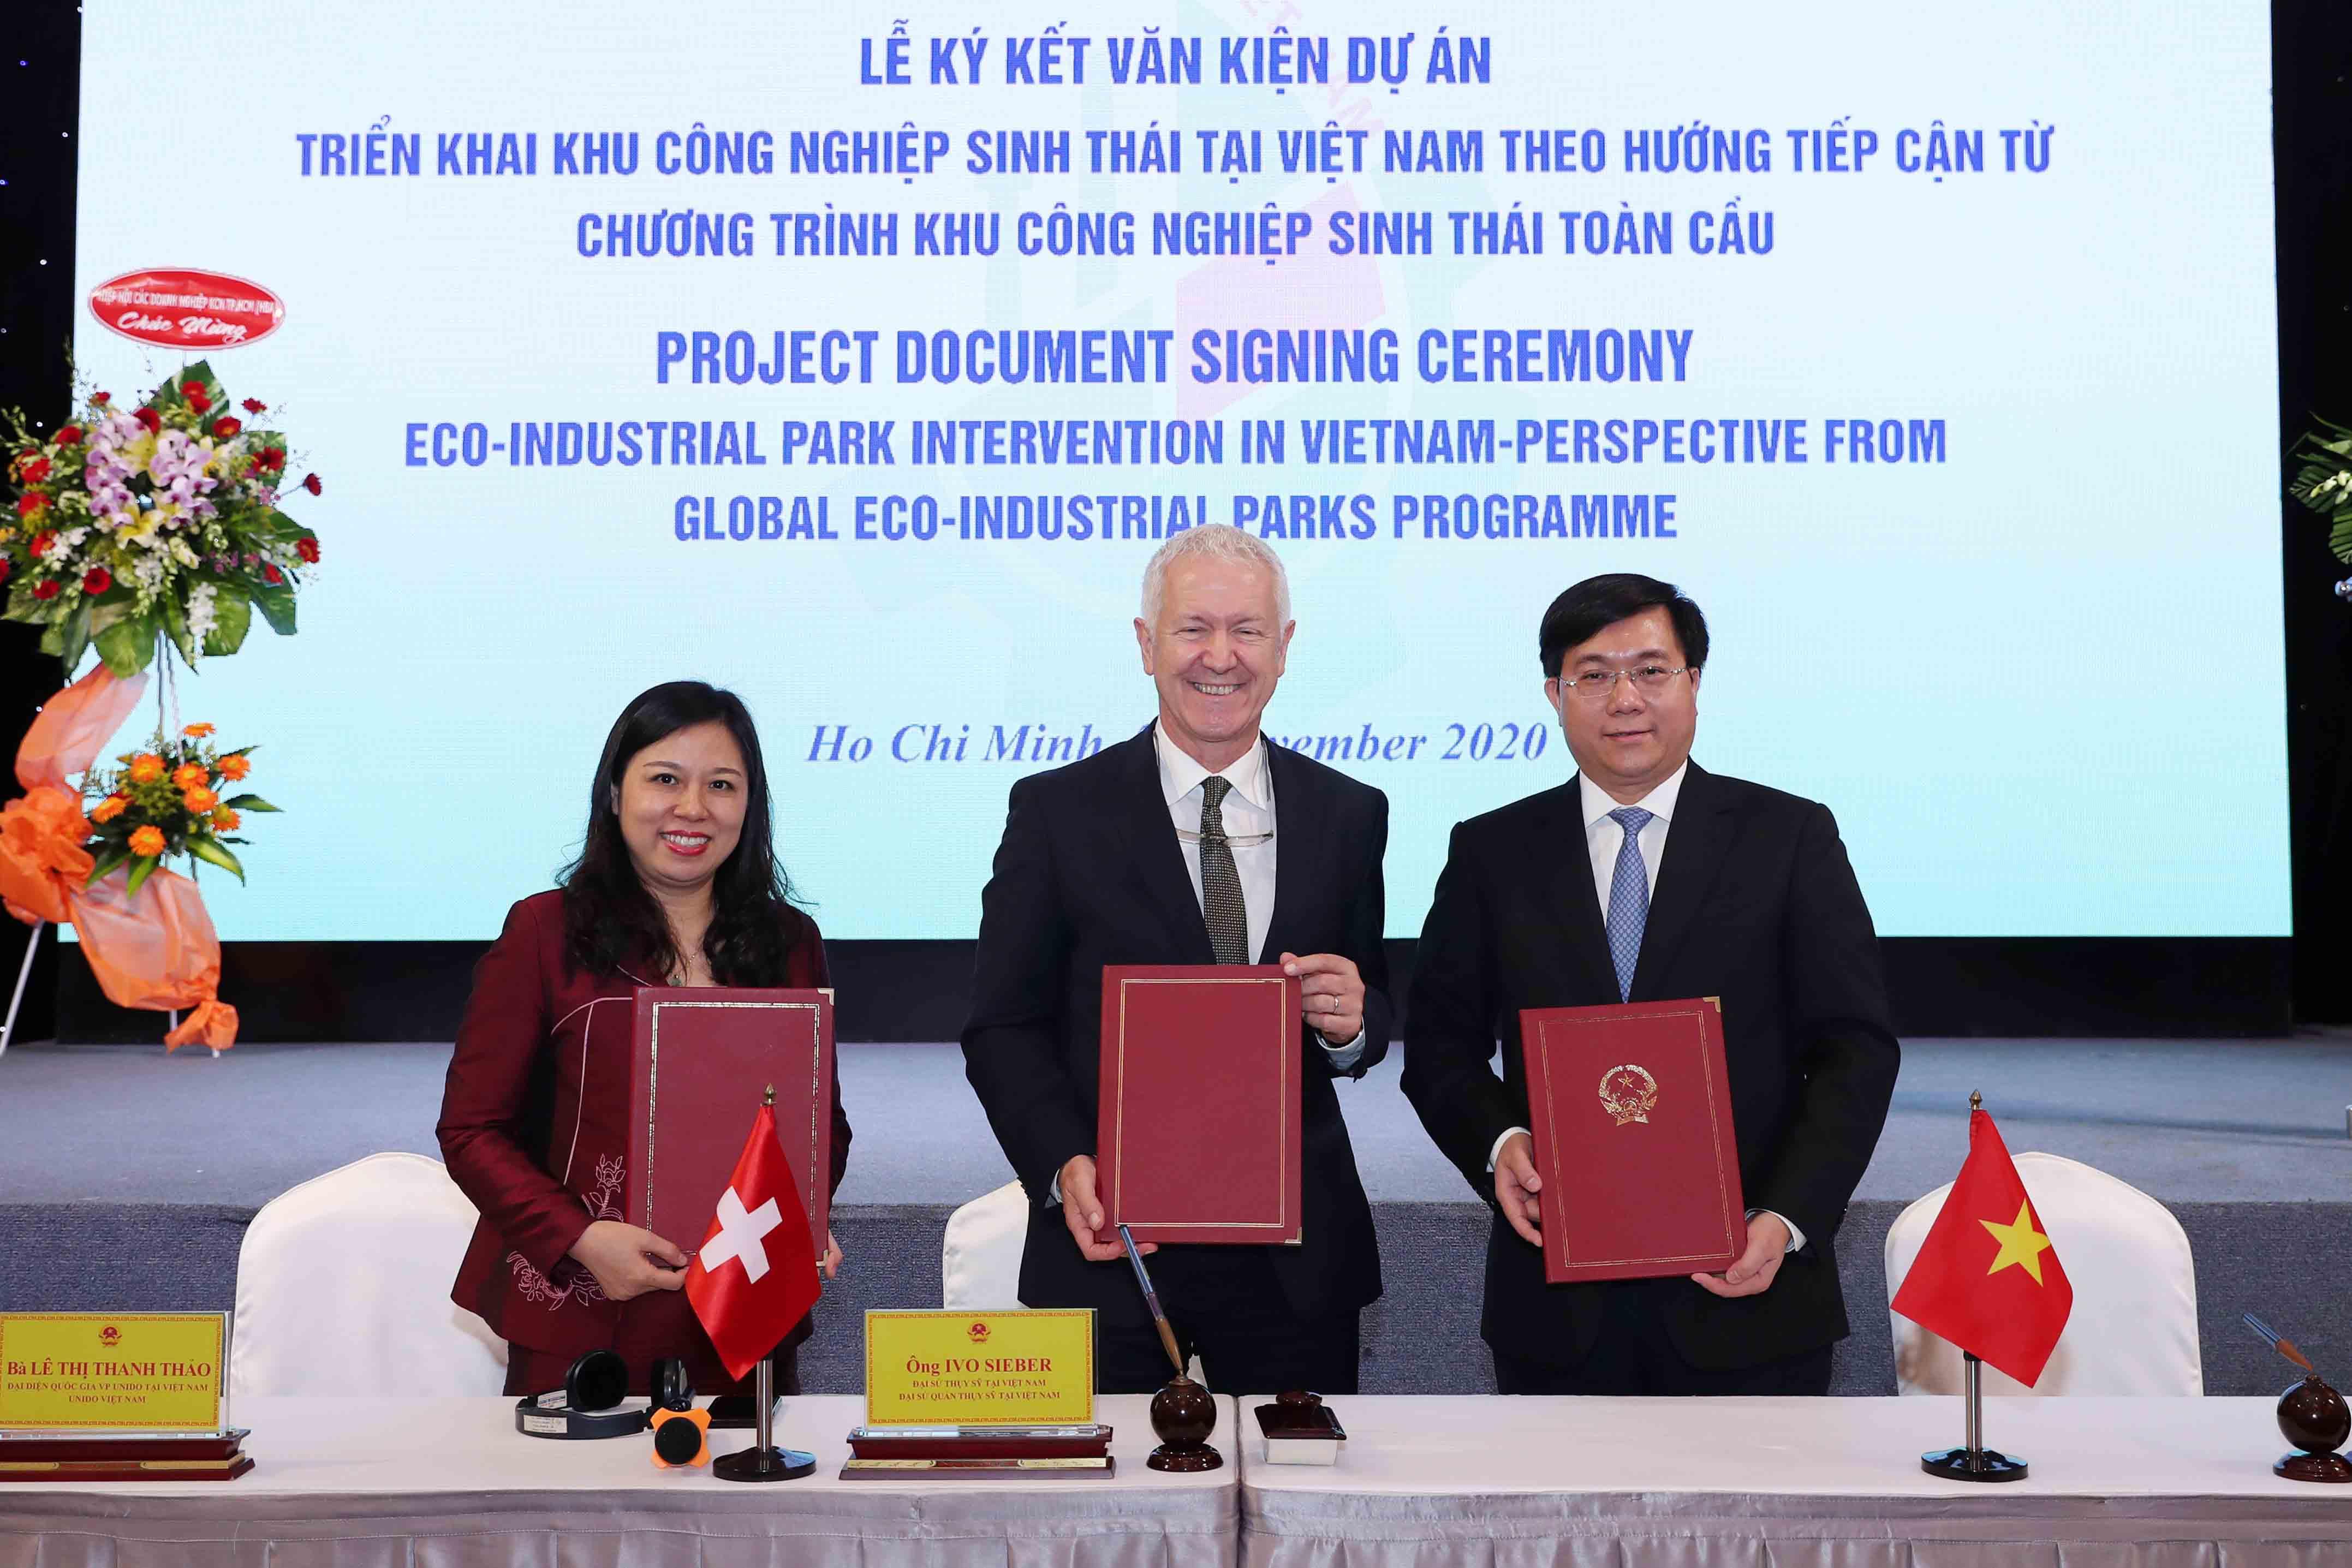 Triển khai KCN sinh thái tại Việt Nam theo hướng tiếp cận từ Chương trình KCN sinh thái toàn cầu